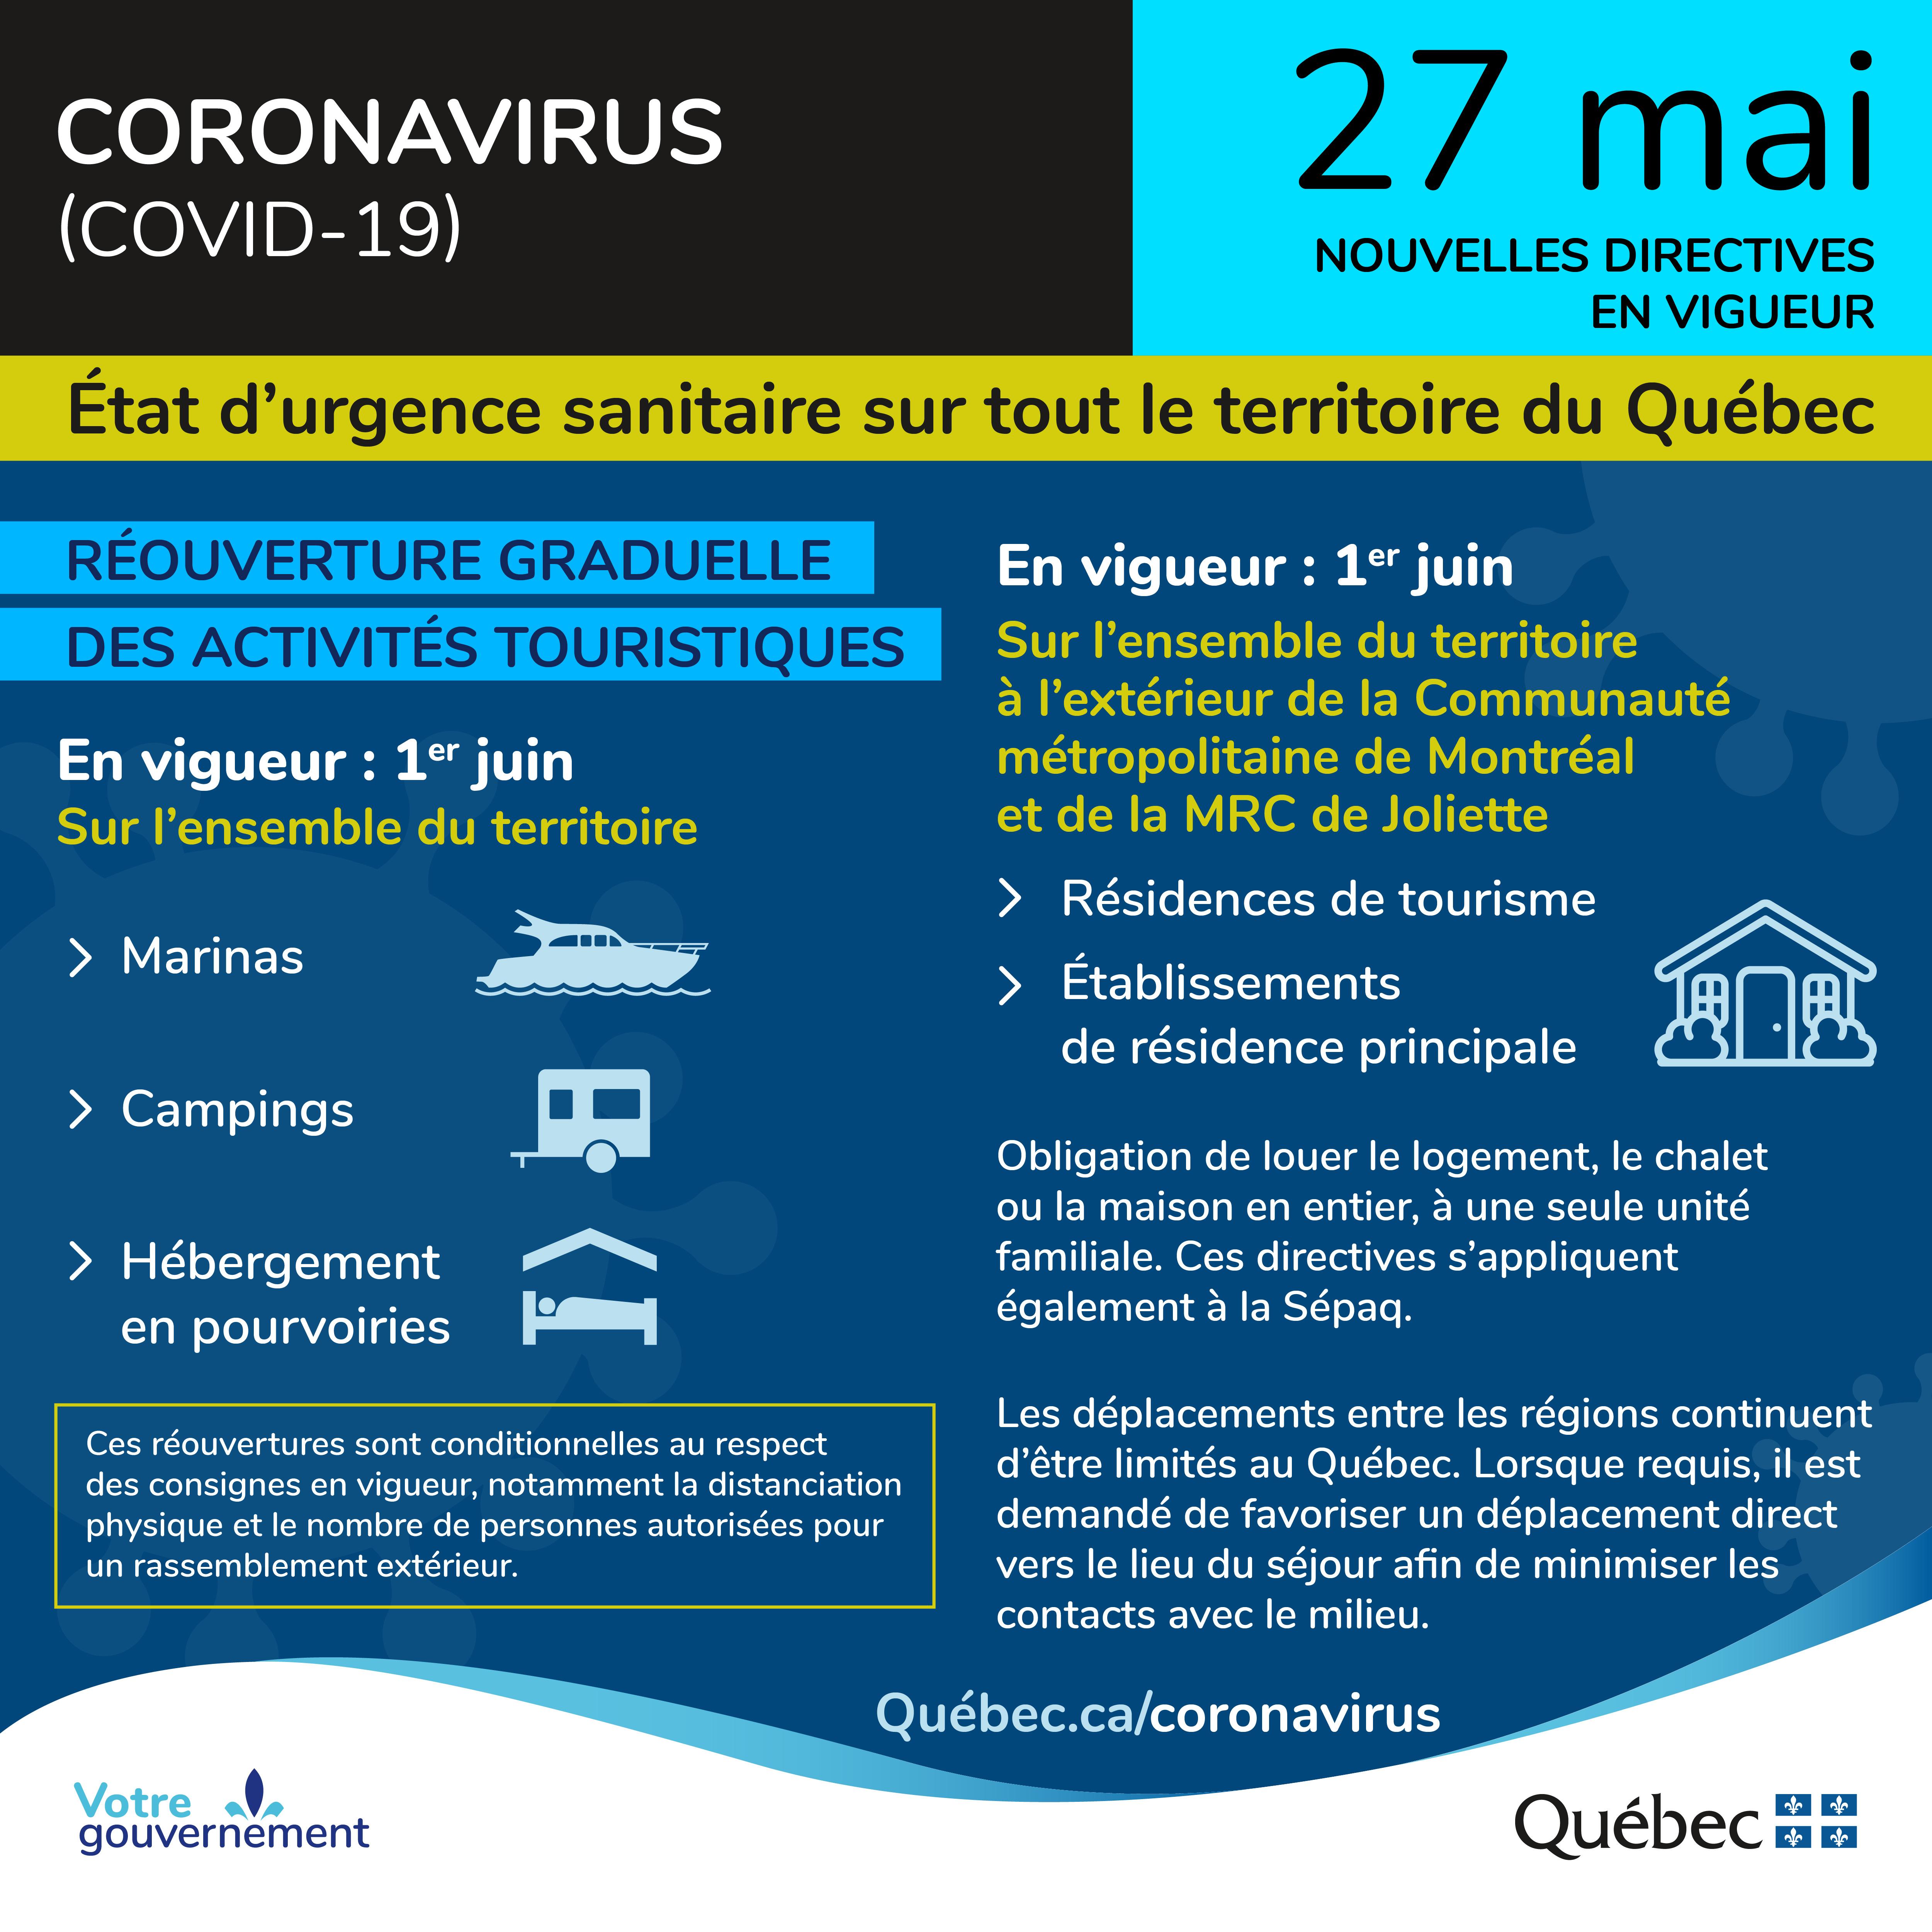 Liste De Toutes Les Infographies En Lien Avec Les Annonces Du Premier Ministre Covid 19 Gouvernement Du Quebec